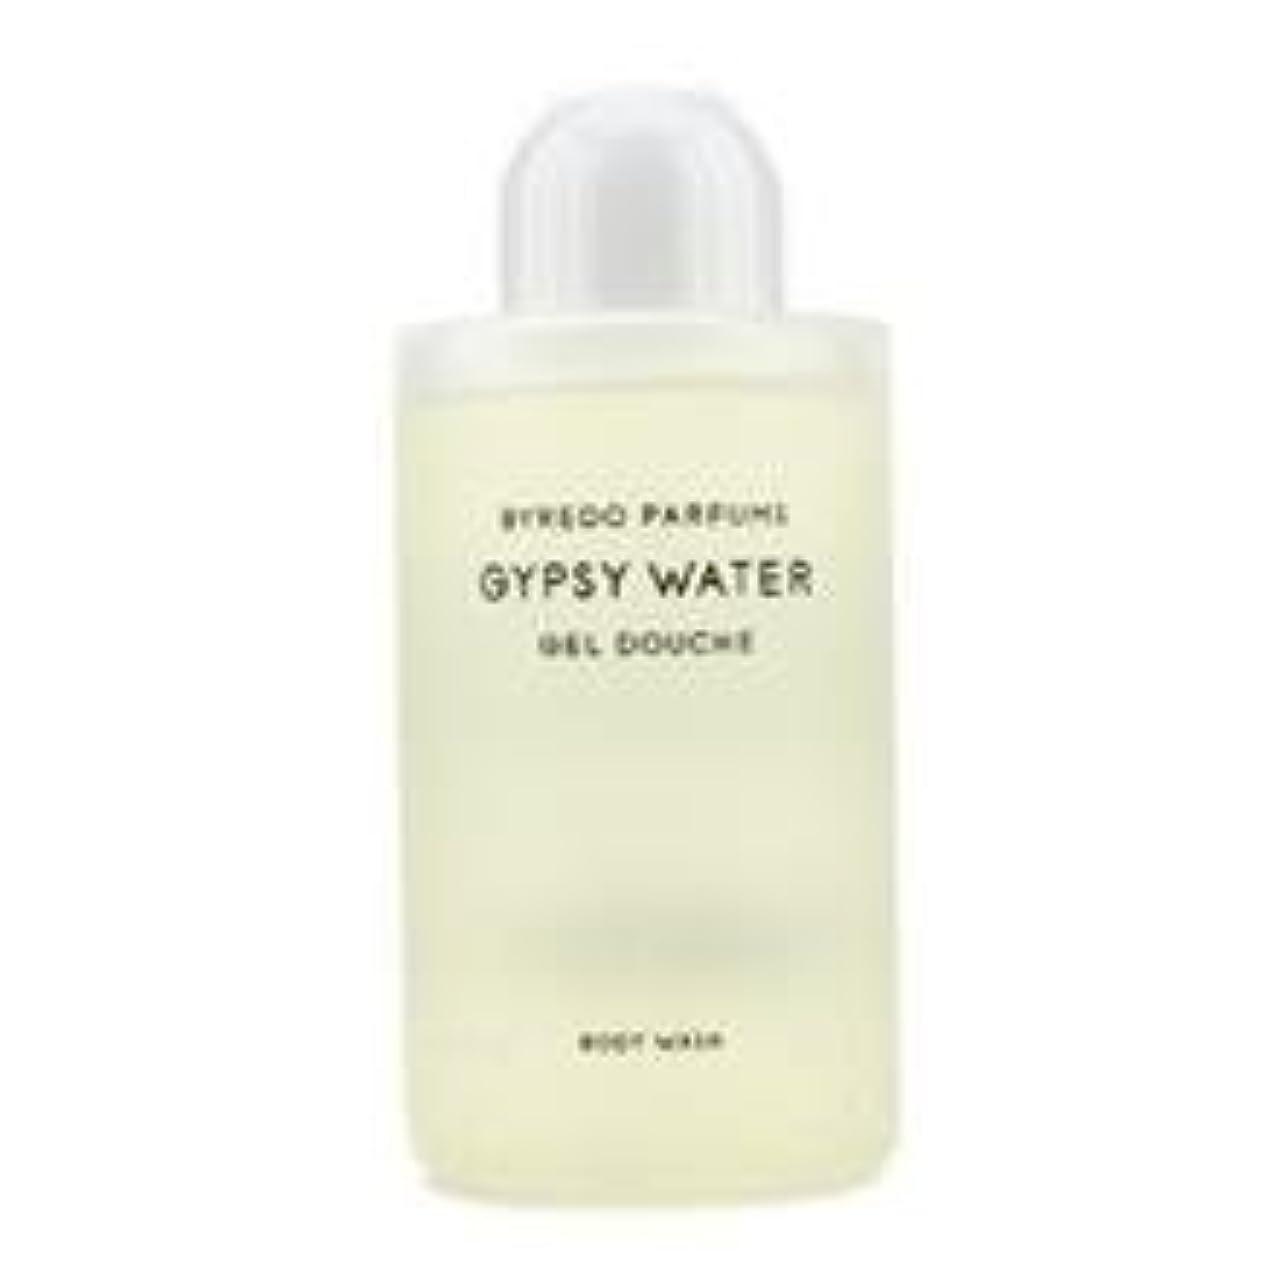 有効重々しい気性Byredo Gypsy Water Body Wash 225ml/7.6oz by Byredo